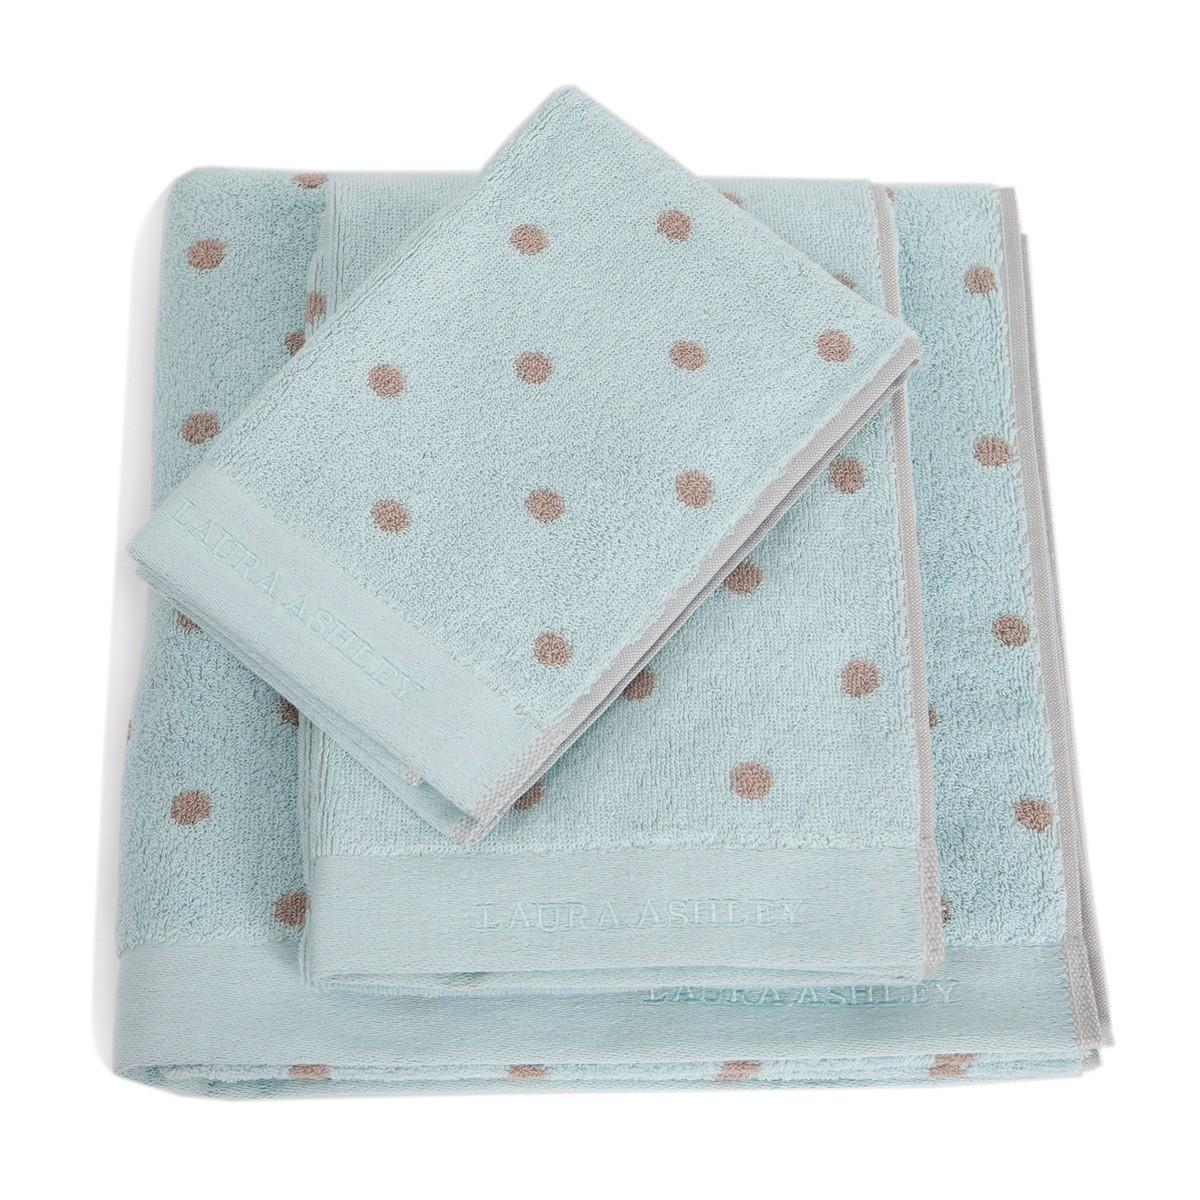 Πετσέτα Σώματος (95x150) Laura Ashley Polka D.Egg home   μπάνιο   πετσέτες μπάνιου